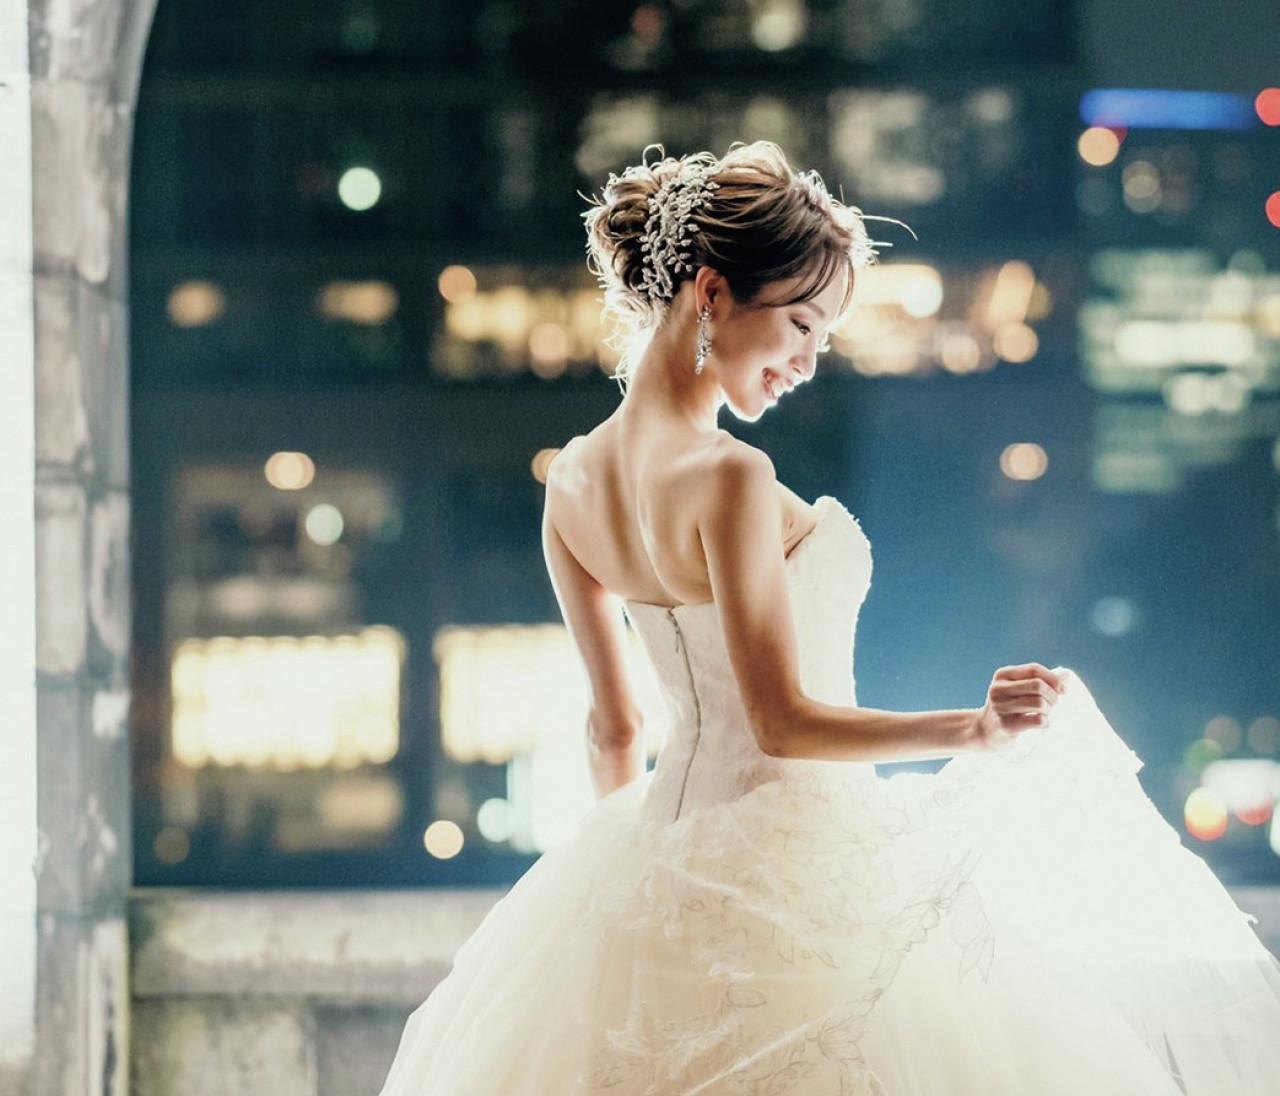 【withコロナの結婚式をポジティブ変換3】ドレス・リング・時計の予算をアップ!一生モノで大満足